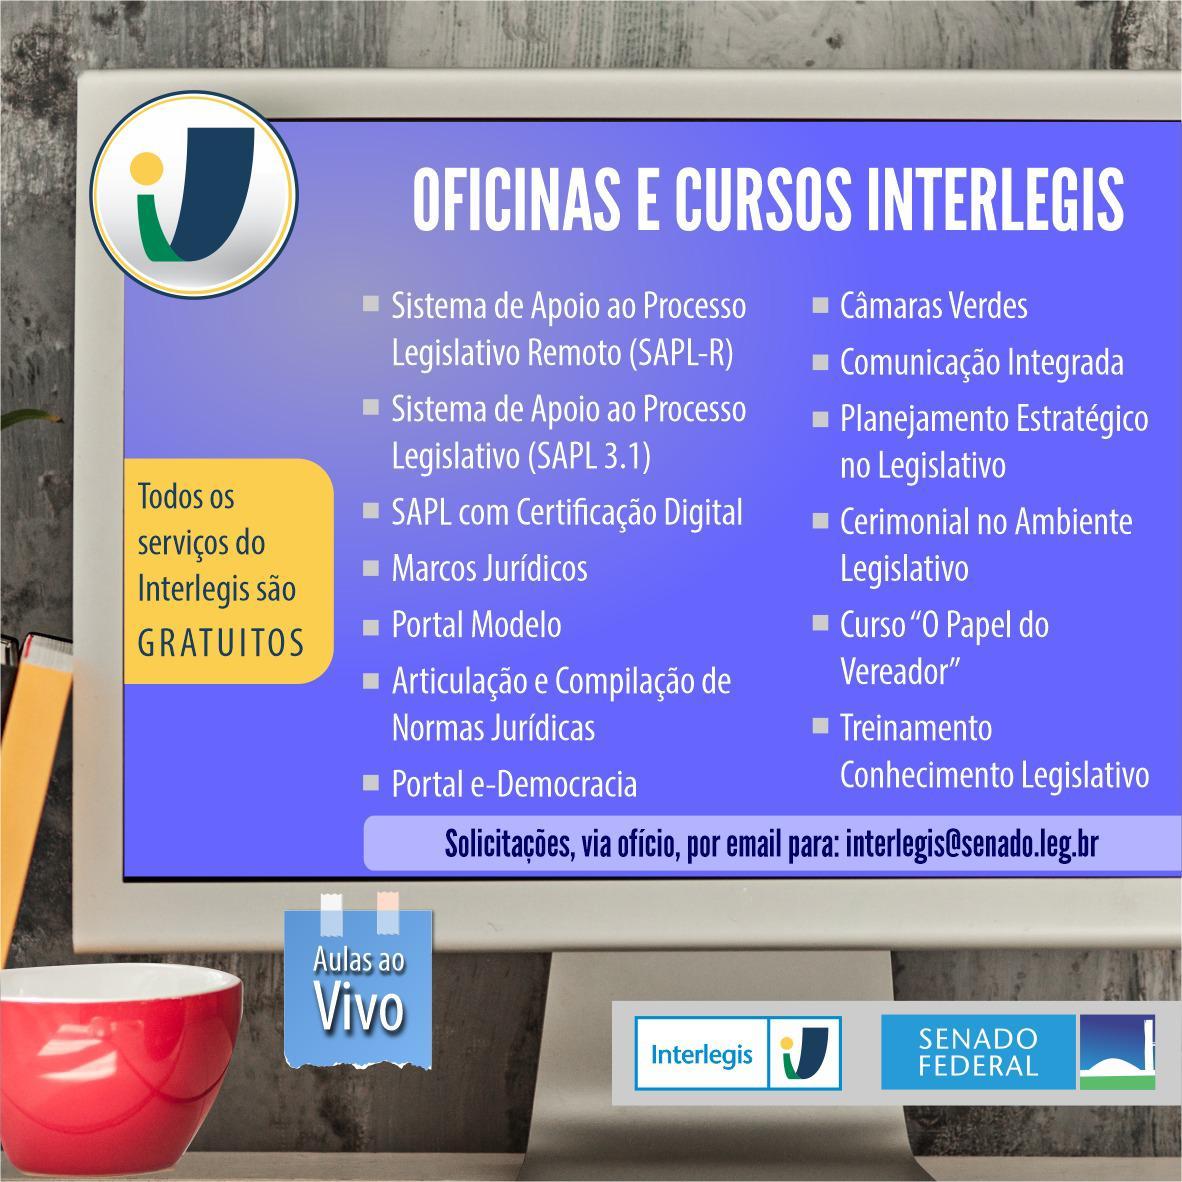 oficinas_cursos_interlegis_2021